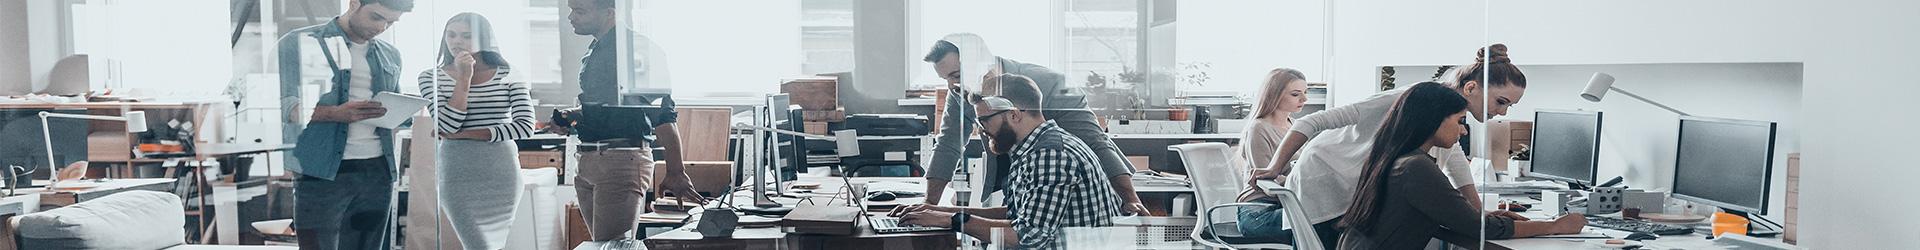 communicatiemodule-header-zivier-hulp-bedrijf-communiceren